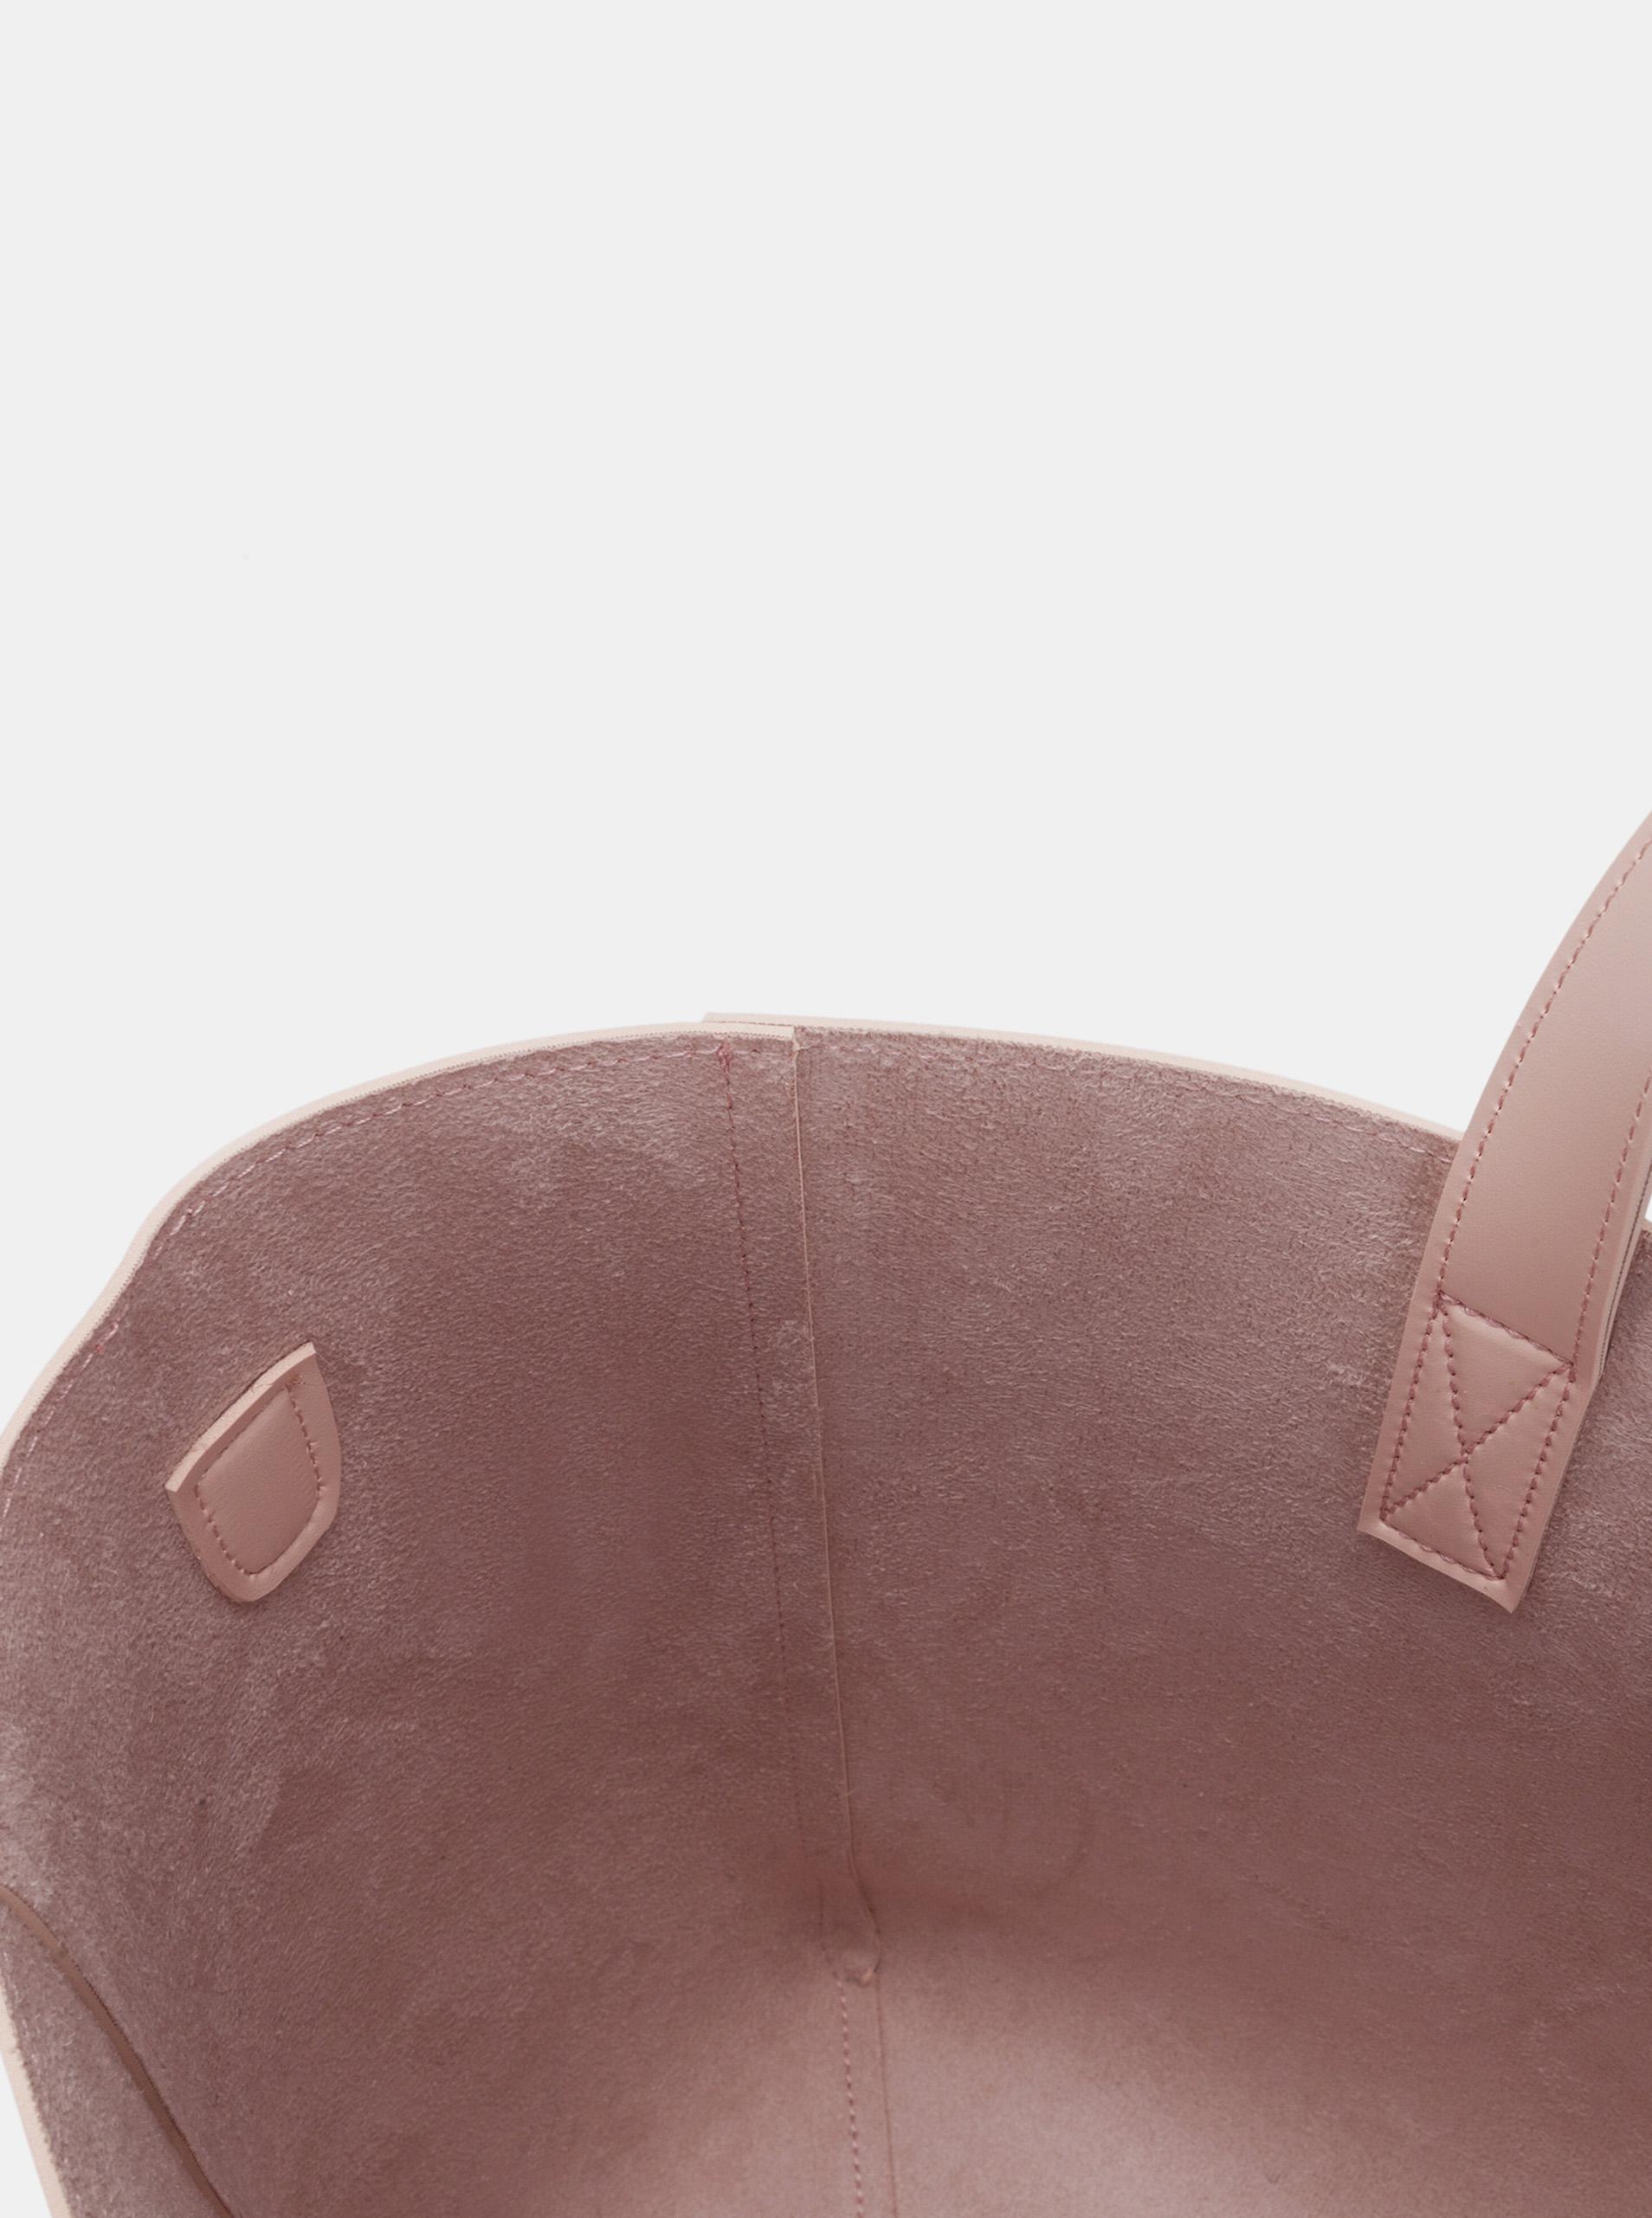 Claudia Canova розова дамска чанта